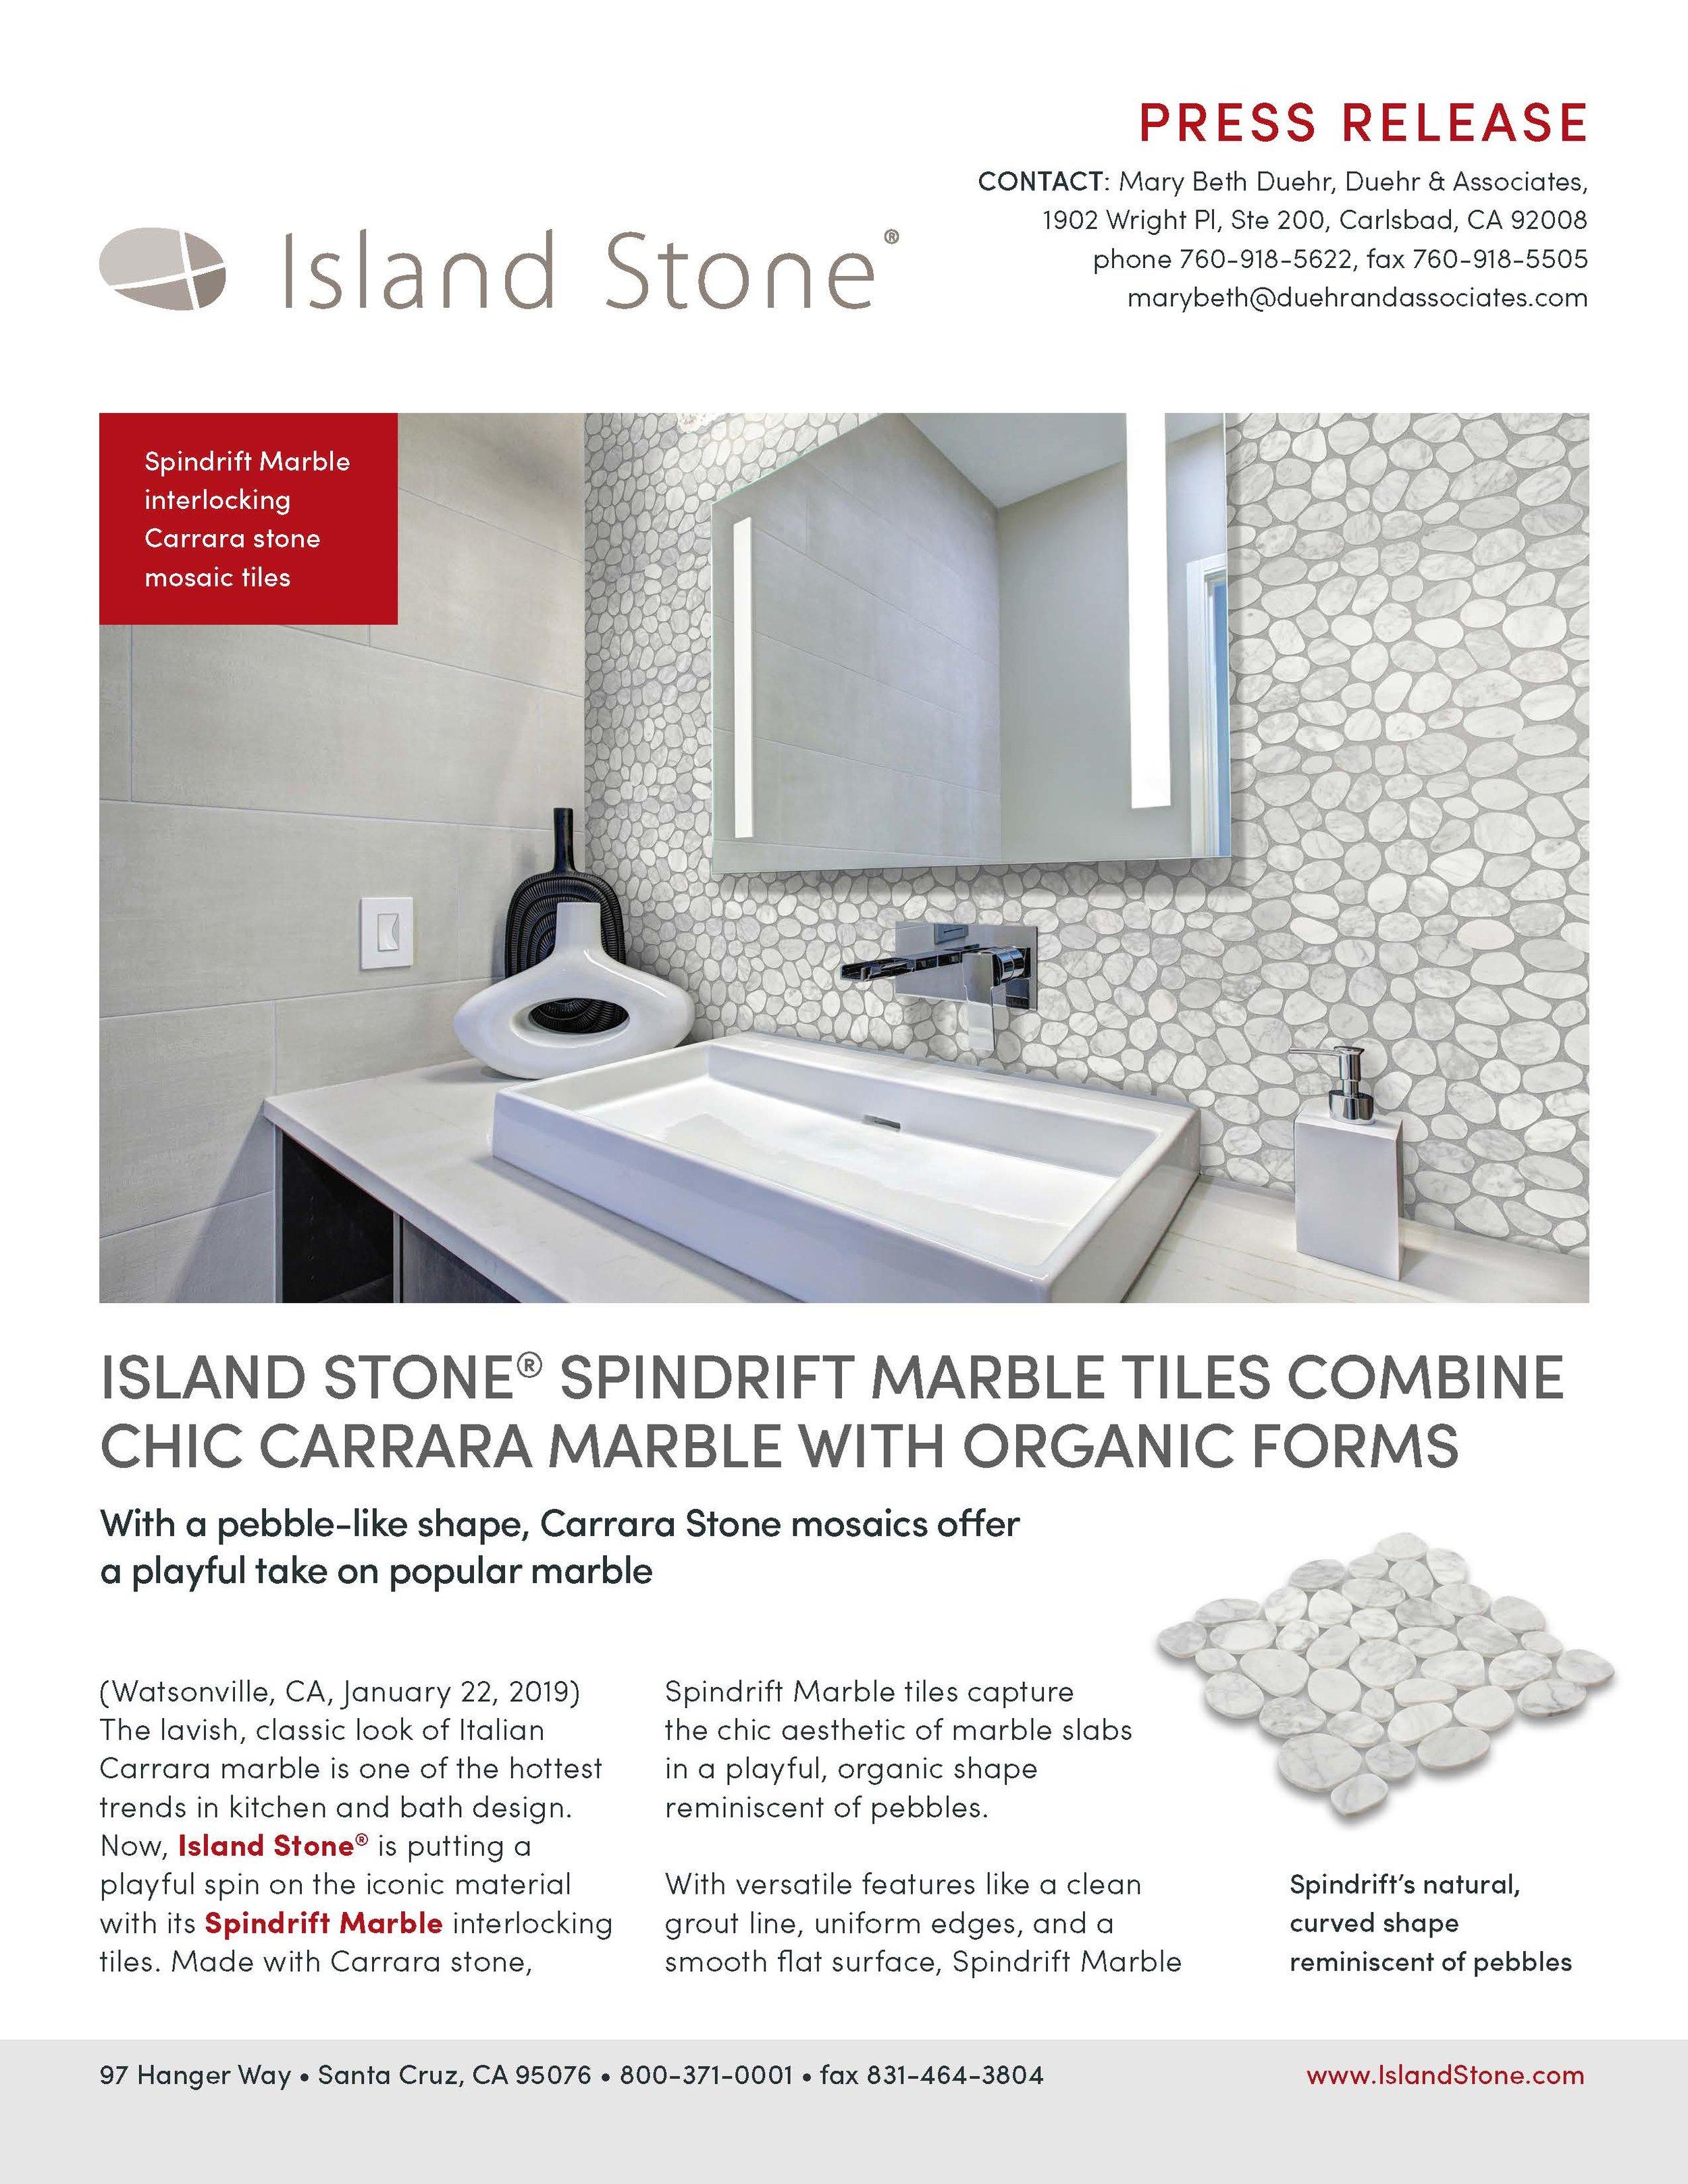 Island Stone Press Release